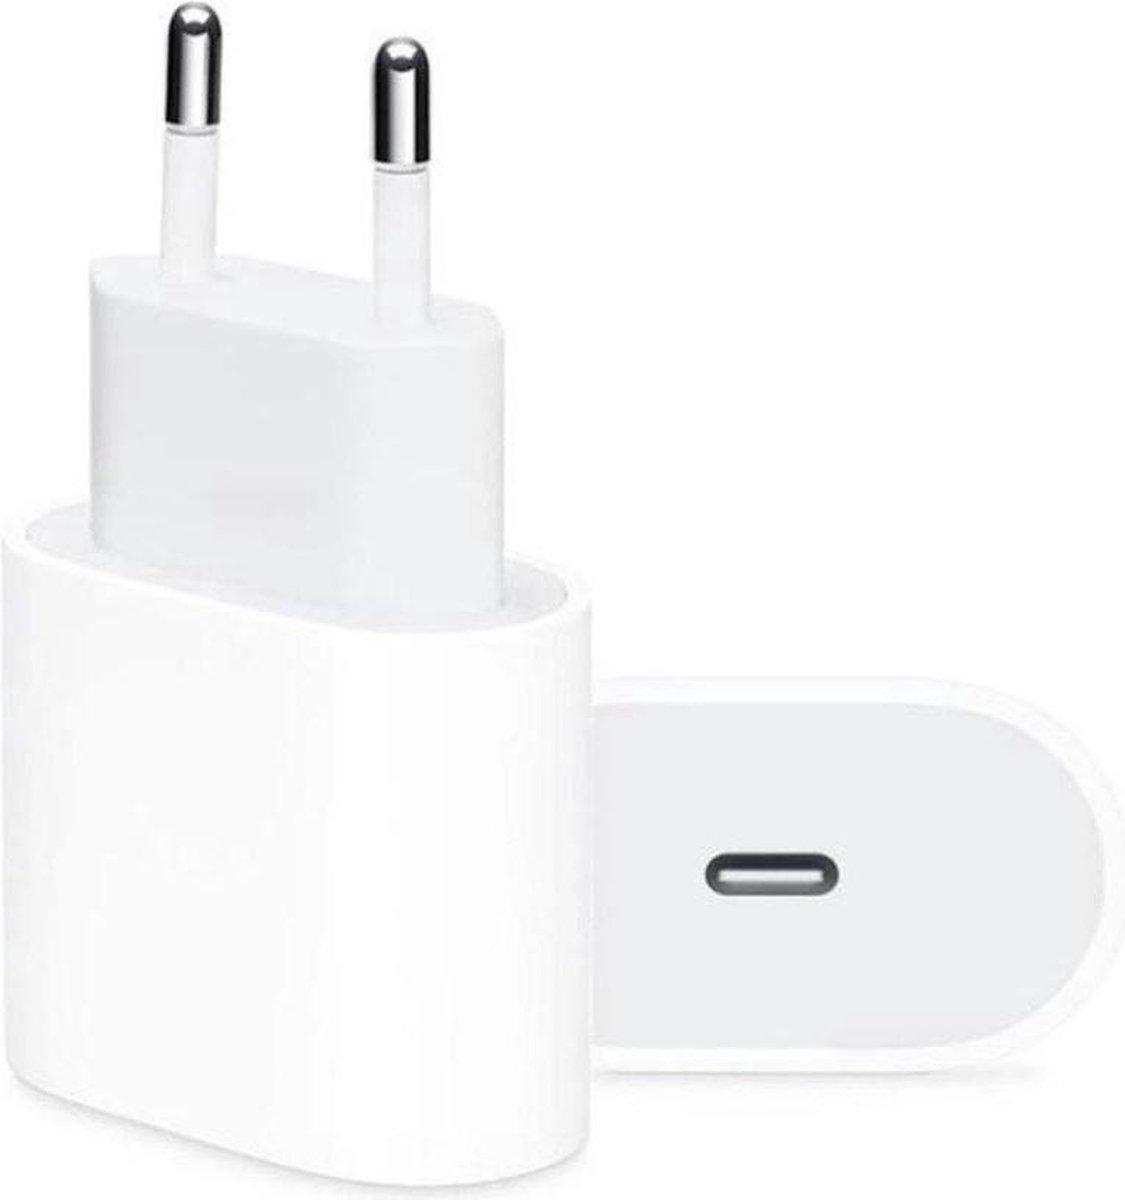 iPhone oplaadstekker 20W USB-C Power oplader - Wit - Geschikt voor Apple iPhone - Apple iPad - USB-C Apple Lightning |Snellader iPhone 12 / 11 / Xs / XsMax / Xr / 8 / 7 / iPad / 12 Pro Max / iPhone 12 Pro | iPhone Lader | USBC lader | USB-C Lader